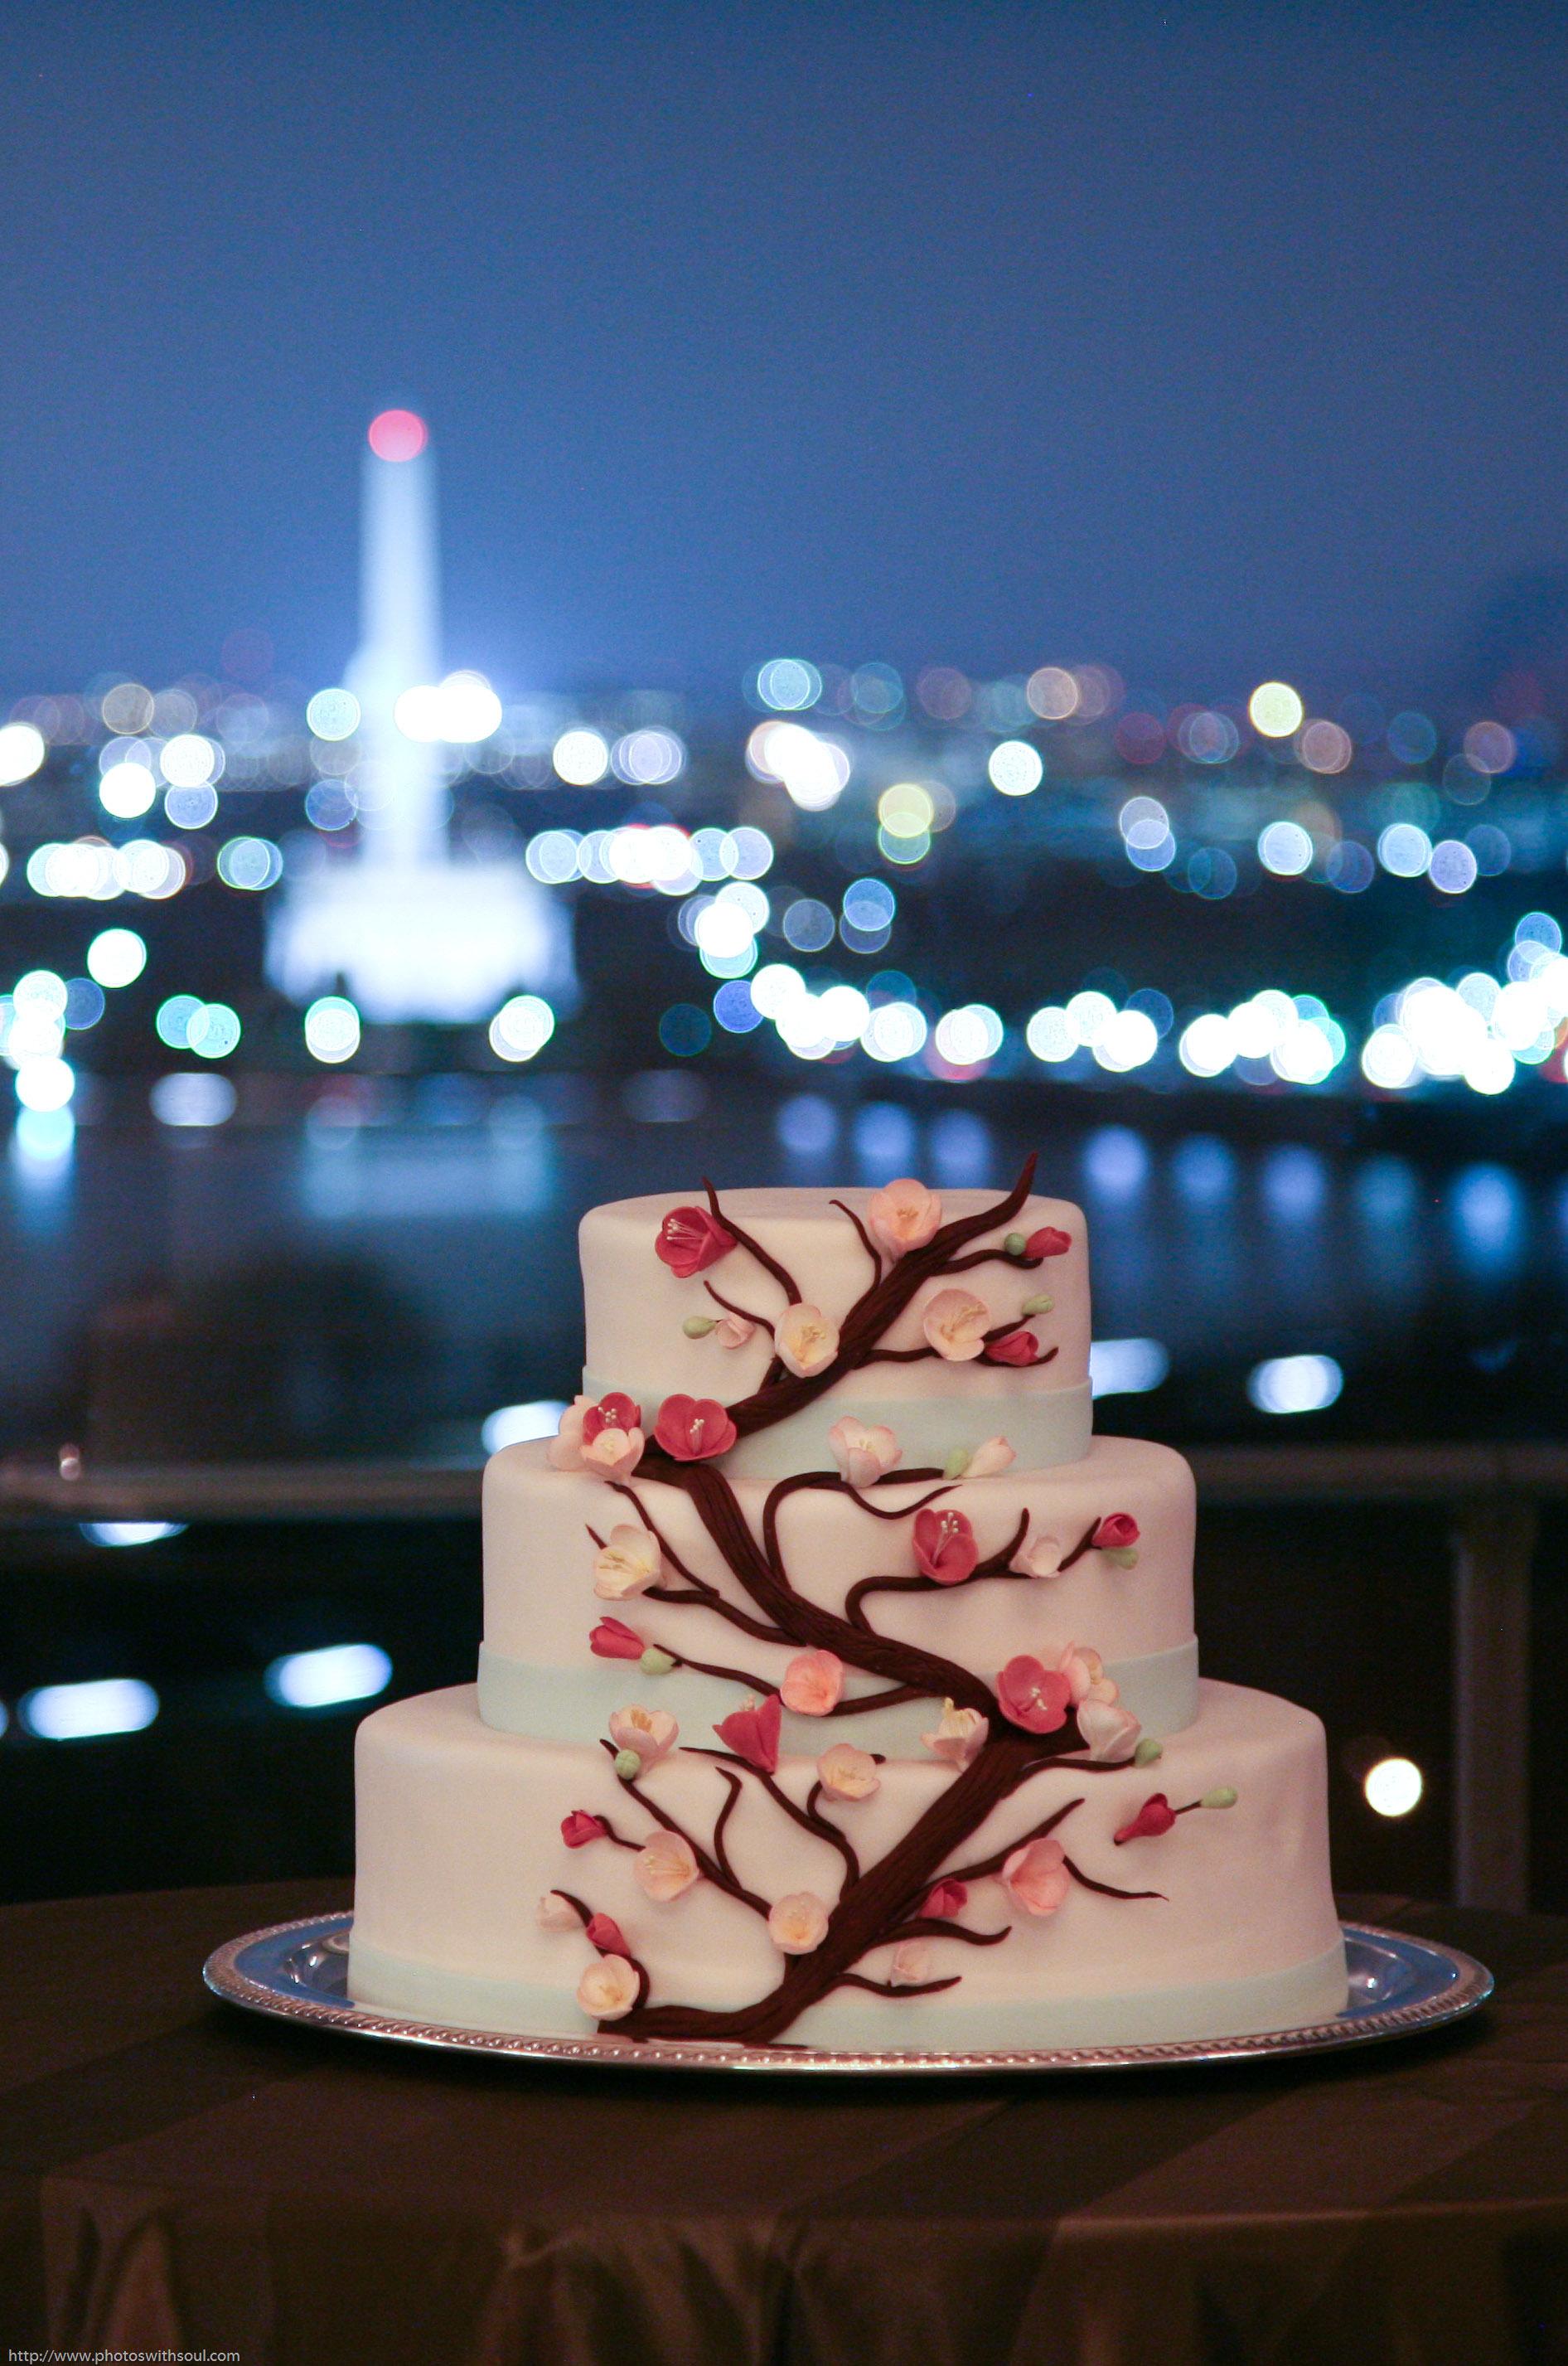 Cakes, cake, Irene abdou photography